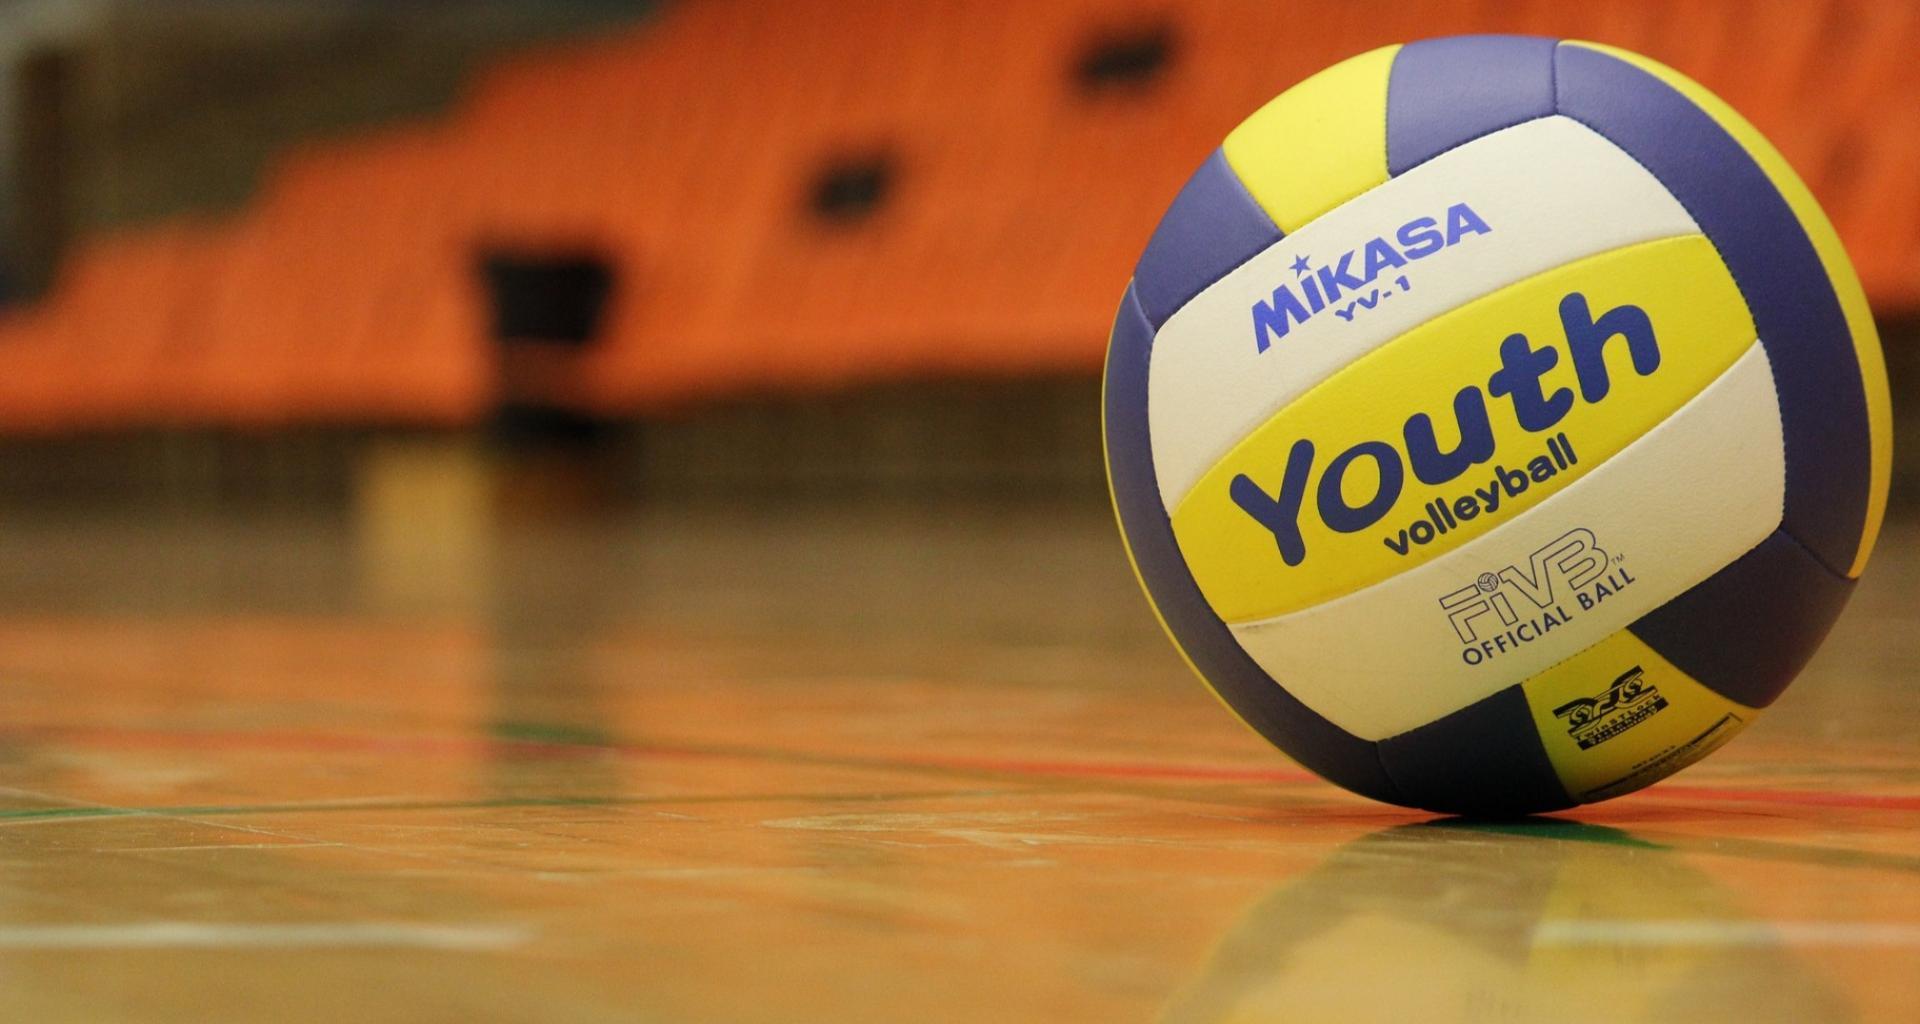 Voleibol – Periodo de 1 a 4 de Novembro de 2018